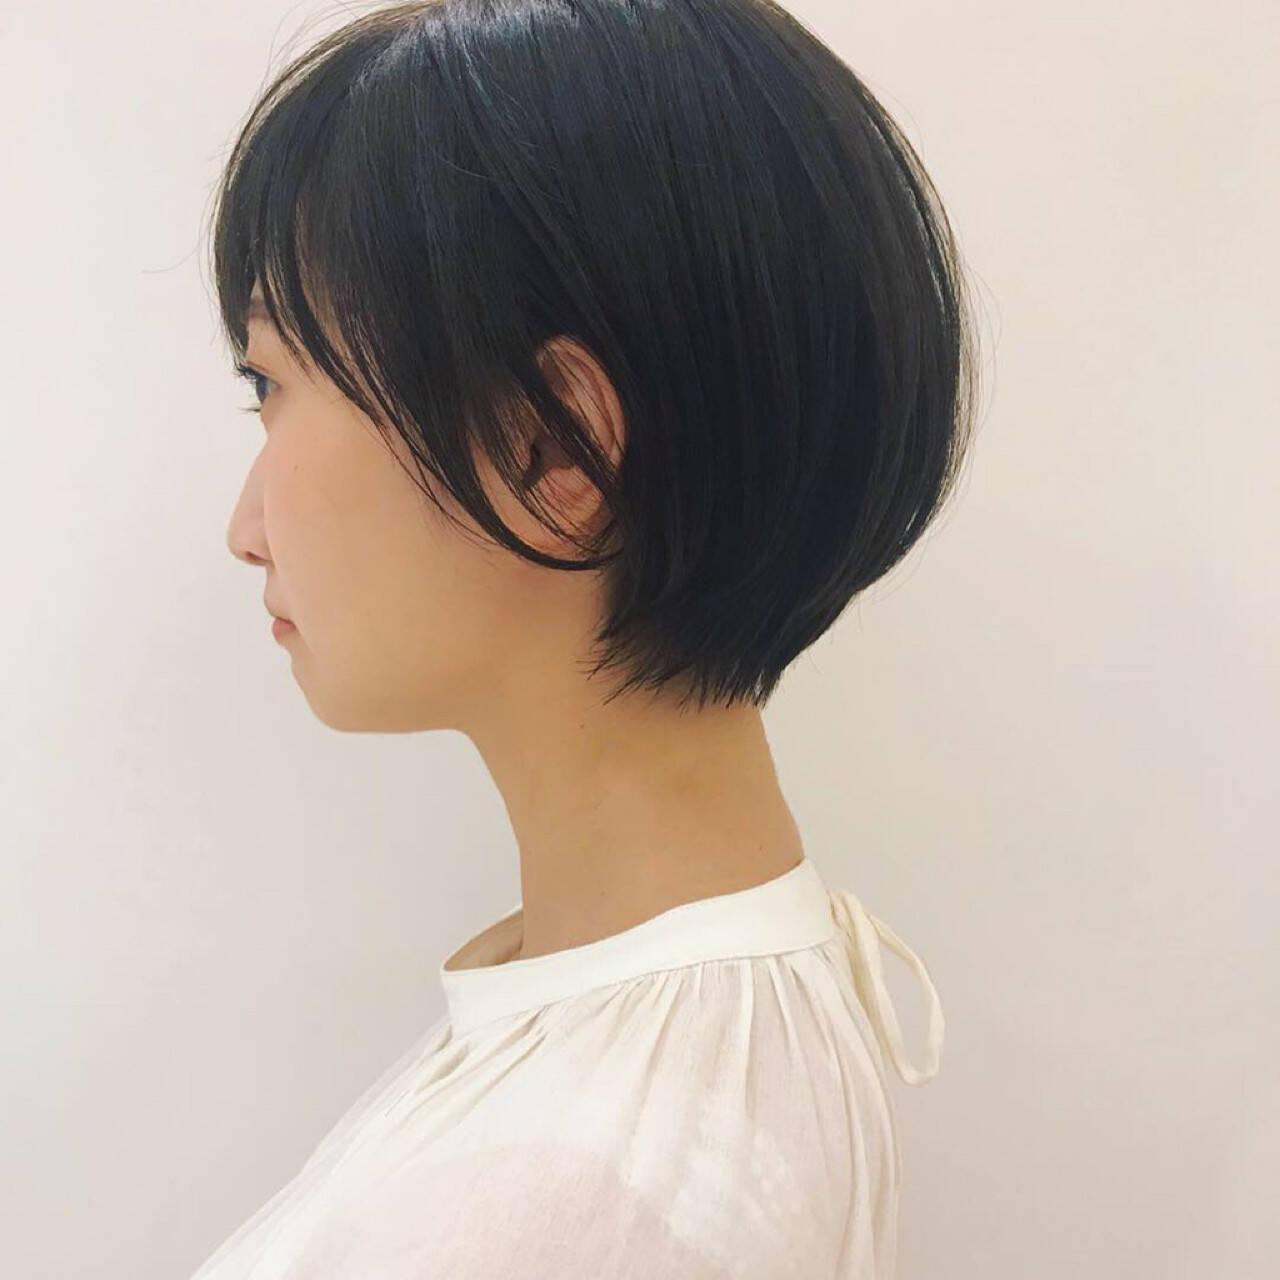 簡単ヘアアレンジ 透明感 ヘアアレンジ ショートヘアスタイルや髪型の写真・画像